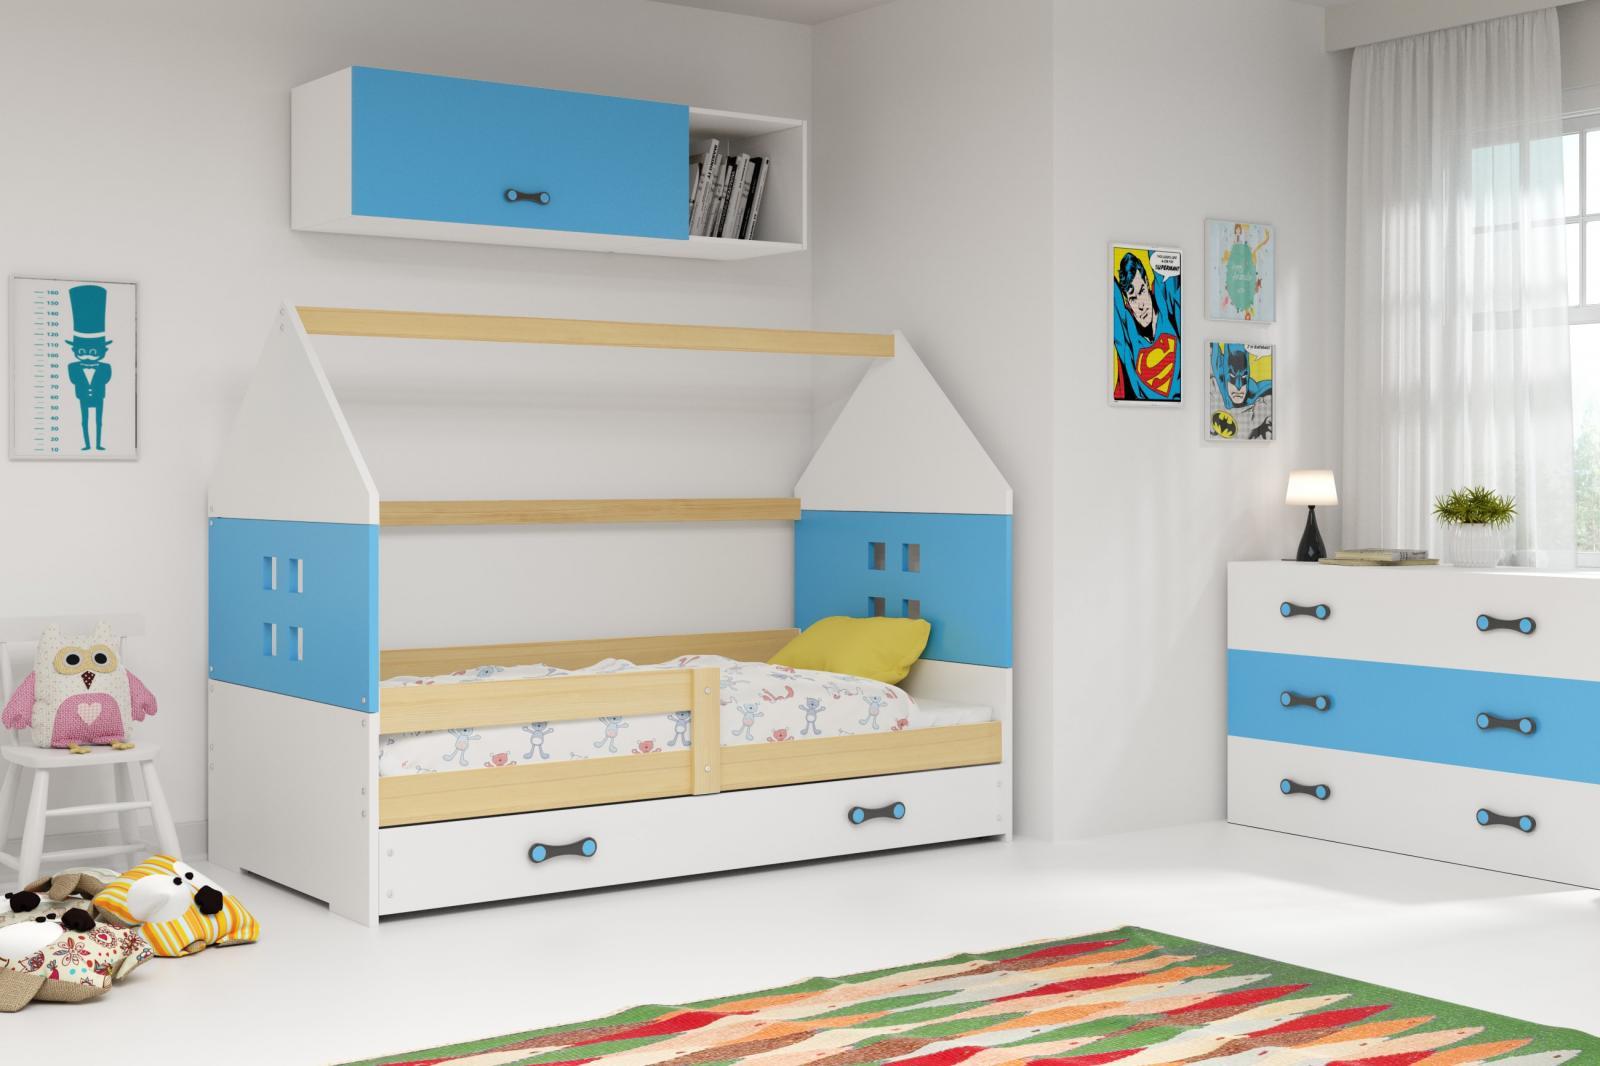 Dětská postel Dominik 80x160 borovice/modrá/bílá